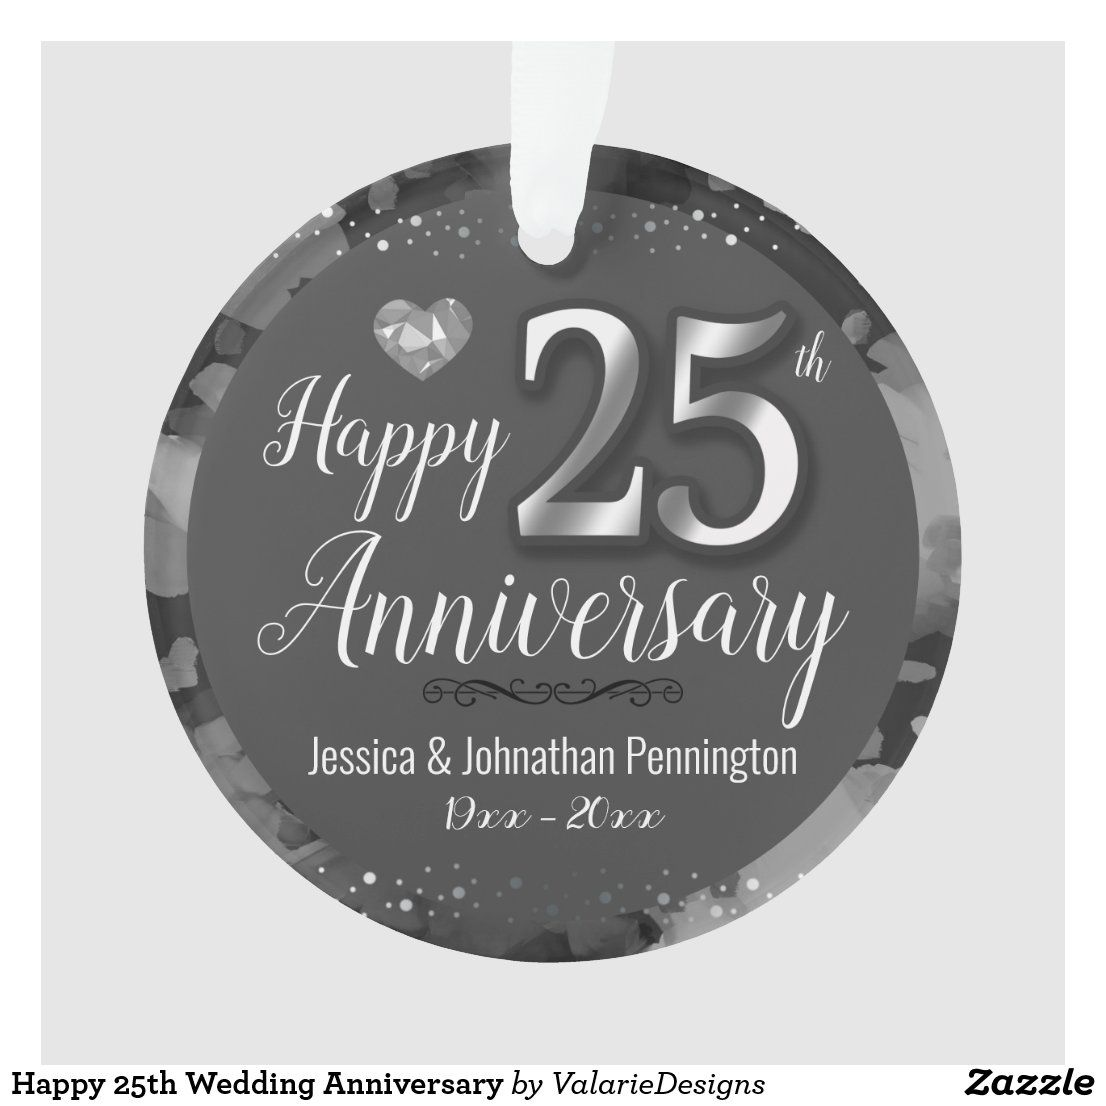 Happy 25th Wedding Anniversary Ornament Zazzle Com Anniversary Ornament Wedding Anniversary 25th Wedding Anniversary